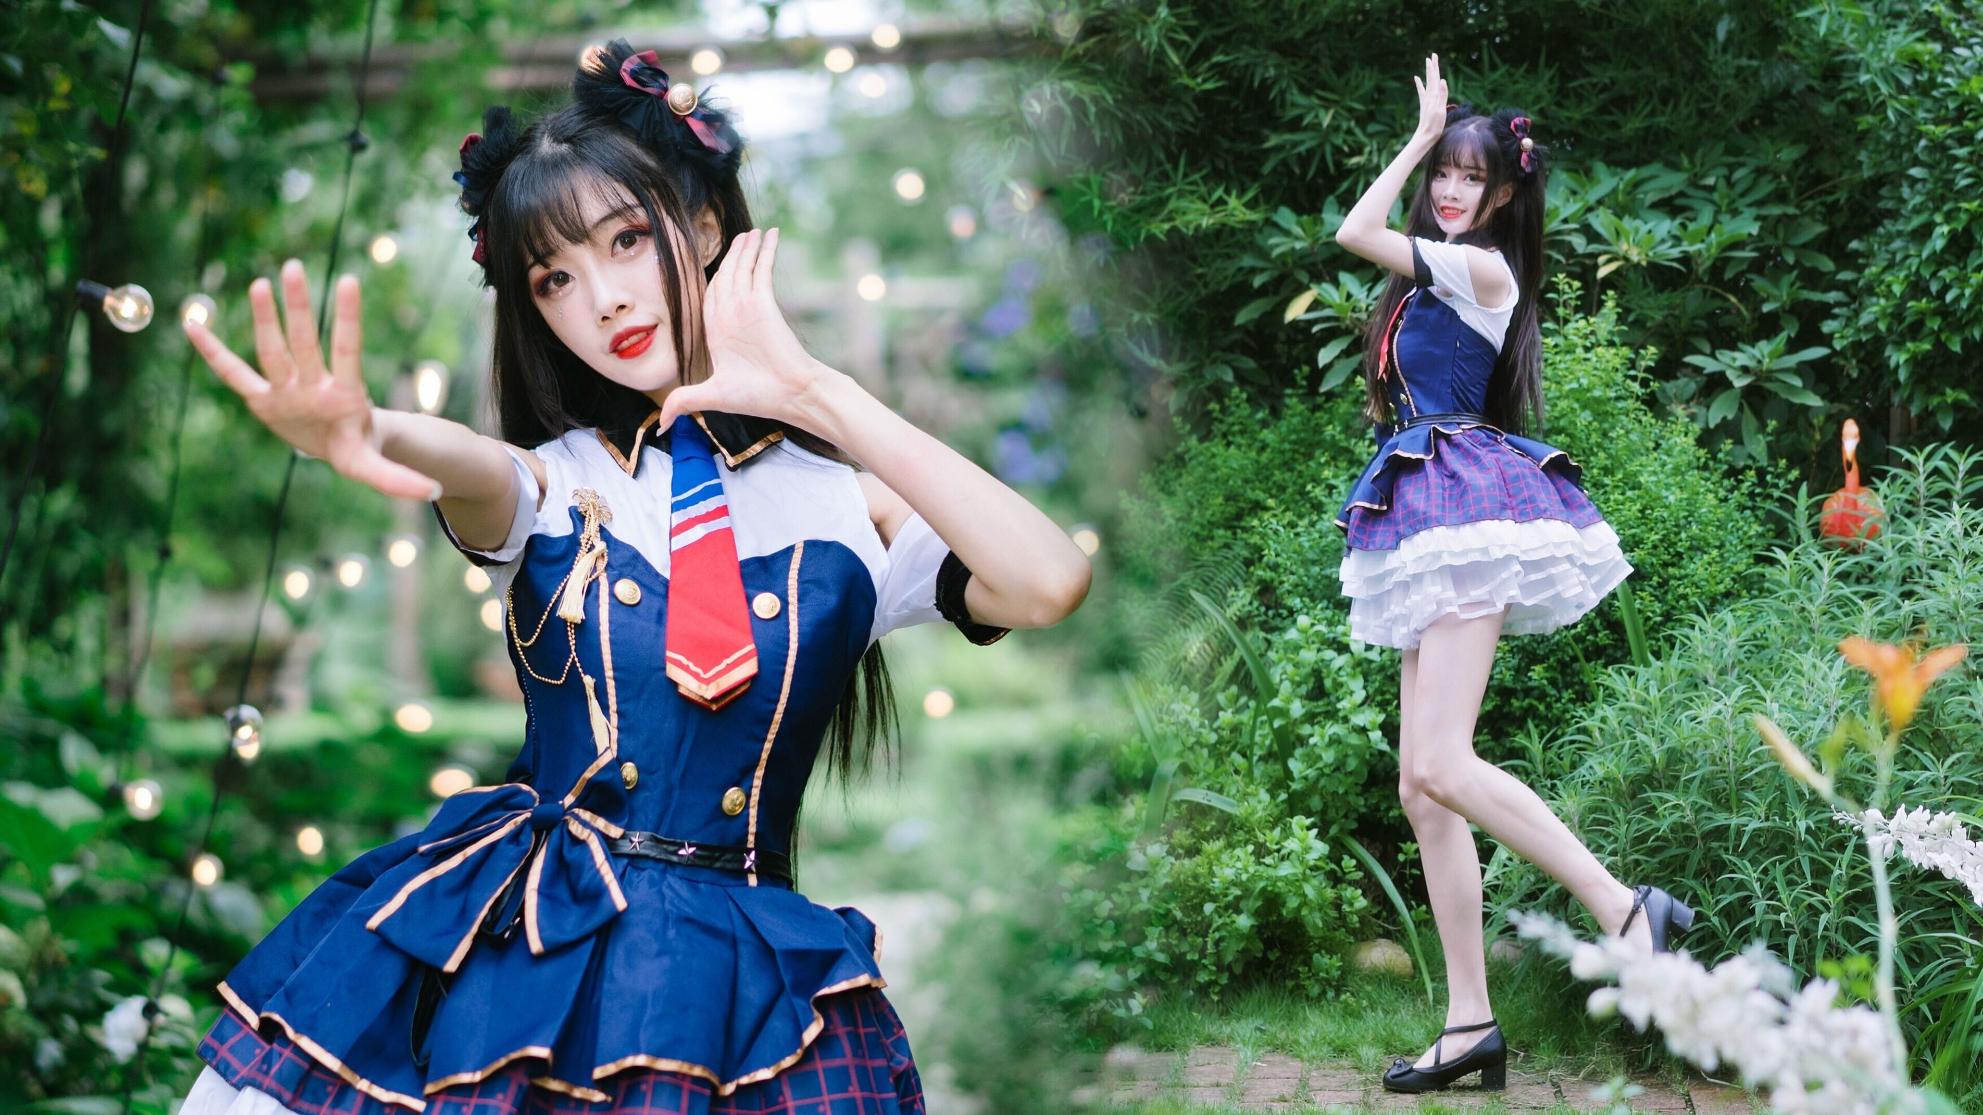 【独家♛未南】妖精的尾巴 op★15MASAYUME CHASING★